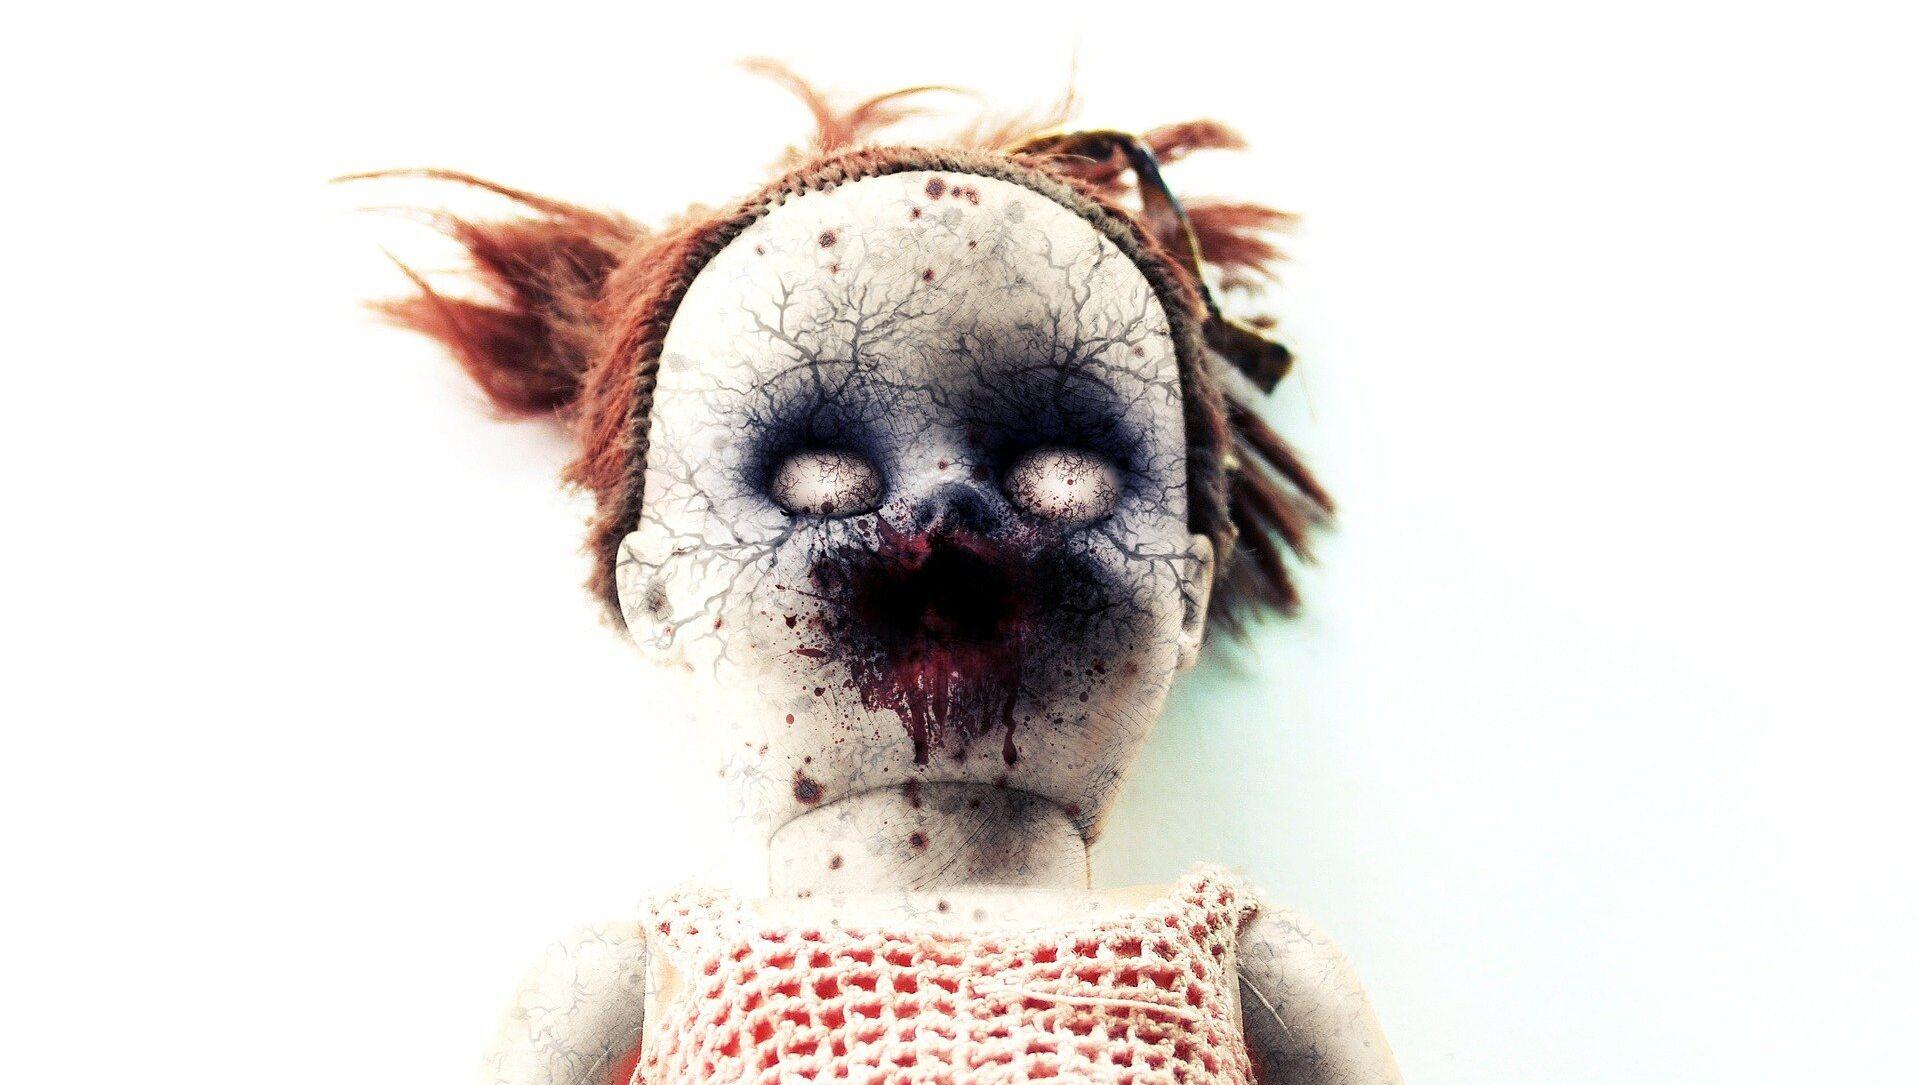 Zombie doll - Sputnik International, 1920, 26.07.2021